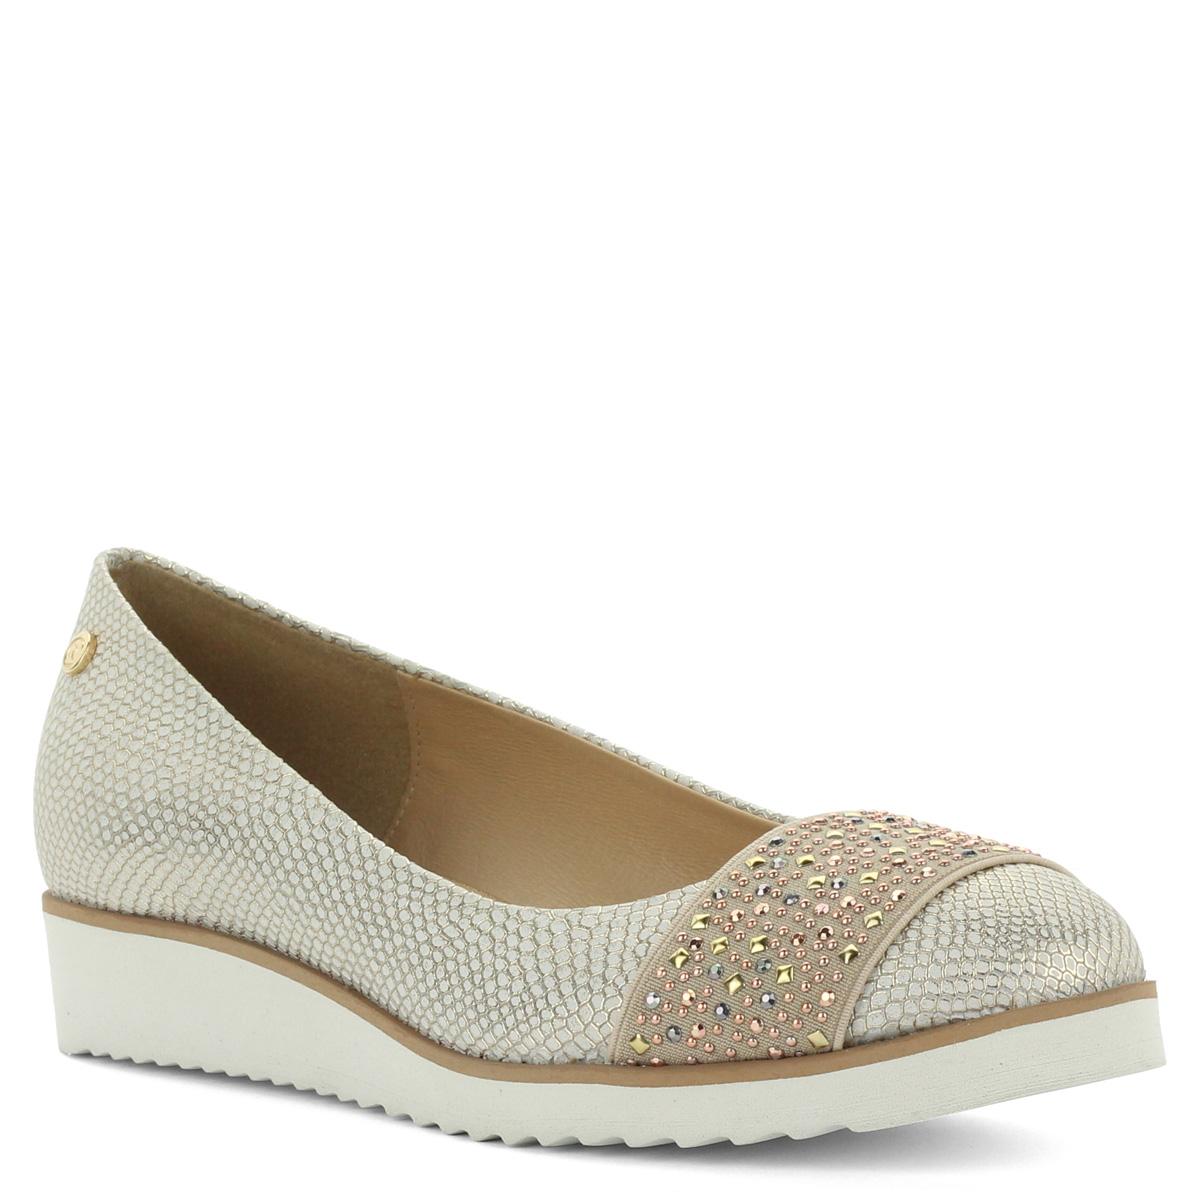 Carla Ricci arany bőr cipő világos színű, recés gumi talppal. A cipő kívül-belül bőrből készült, nagyon kényelmes belebújós fazon.